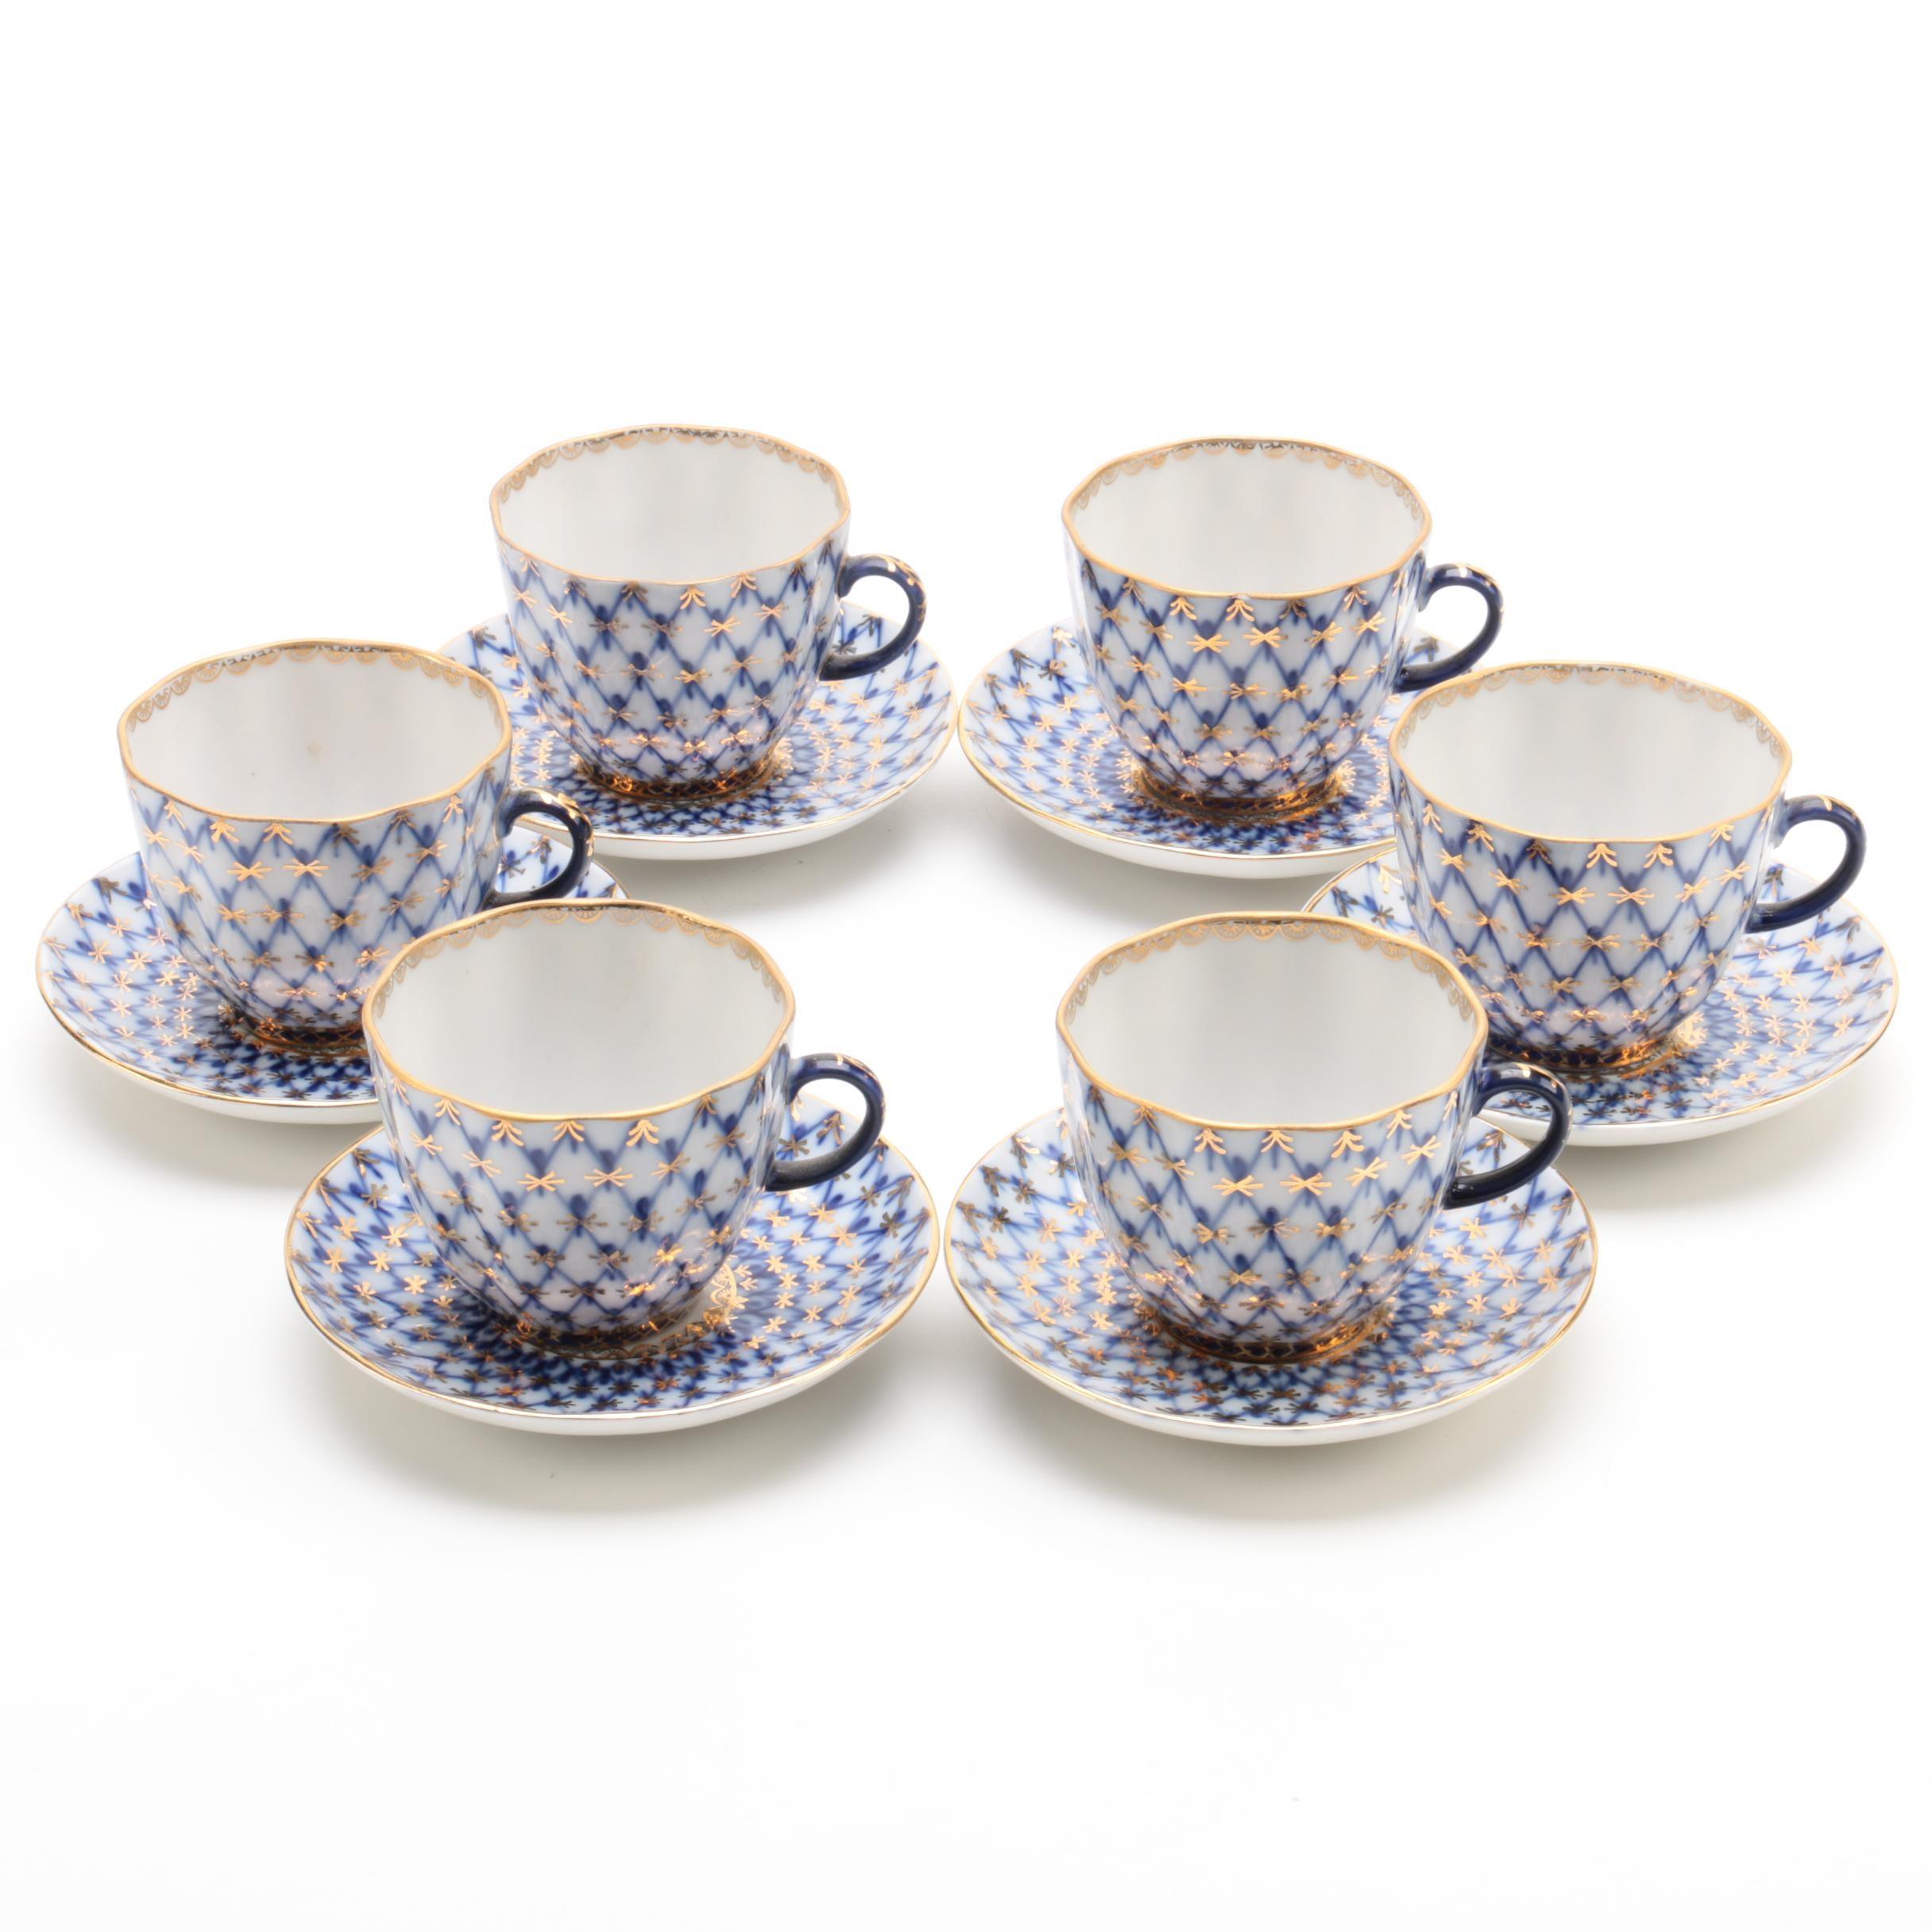 """Vintage Lomonosov """"Cobalt Net"""" Porcelain Demitasse Cups and Saucers"""